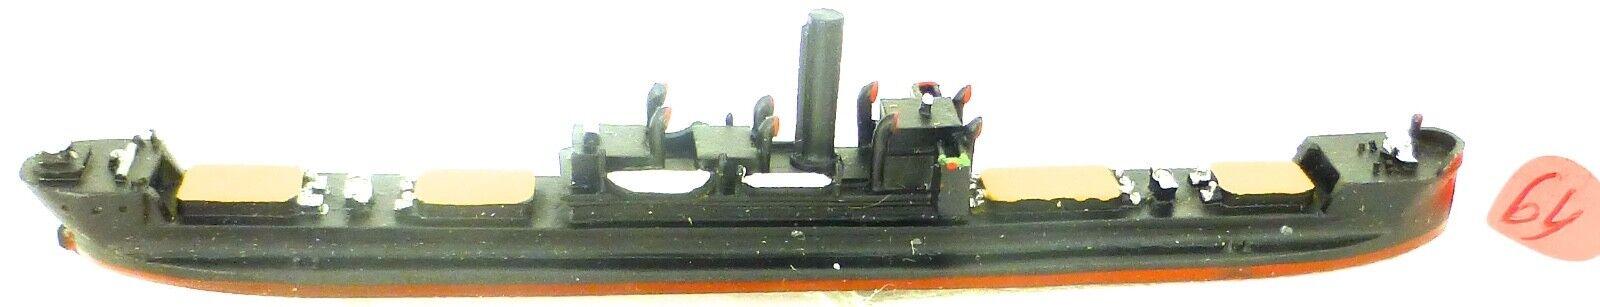 Narwik Mercator M415 Modèle de Bateau 1 1250  64 Å